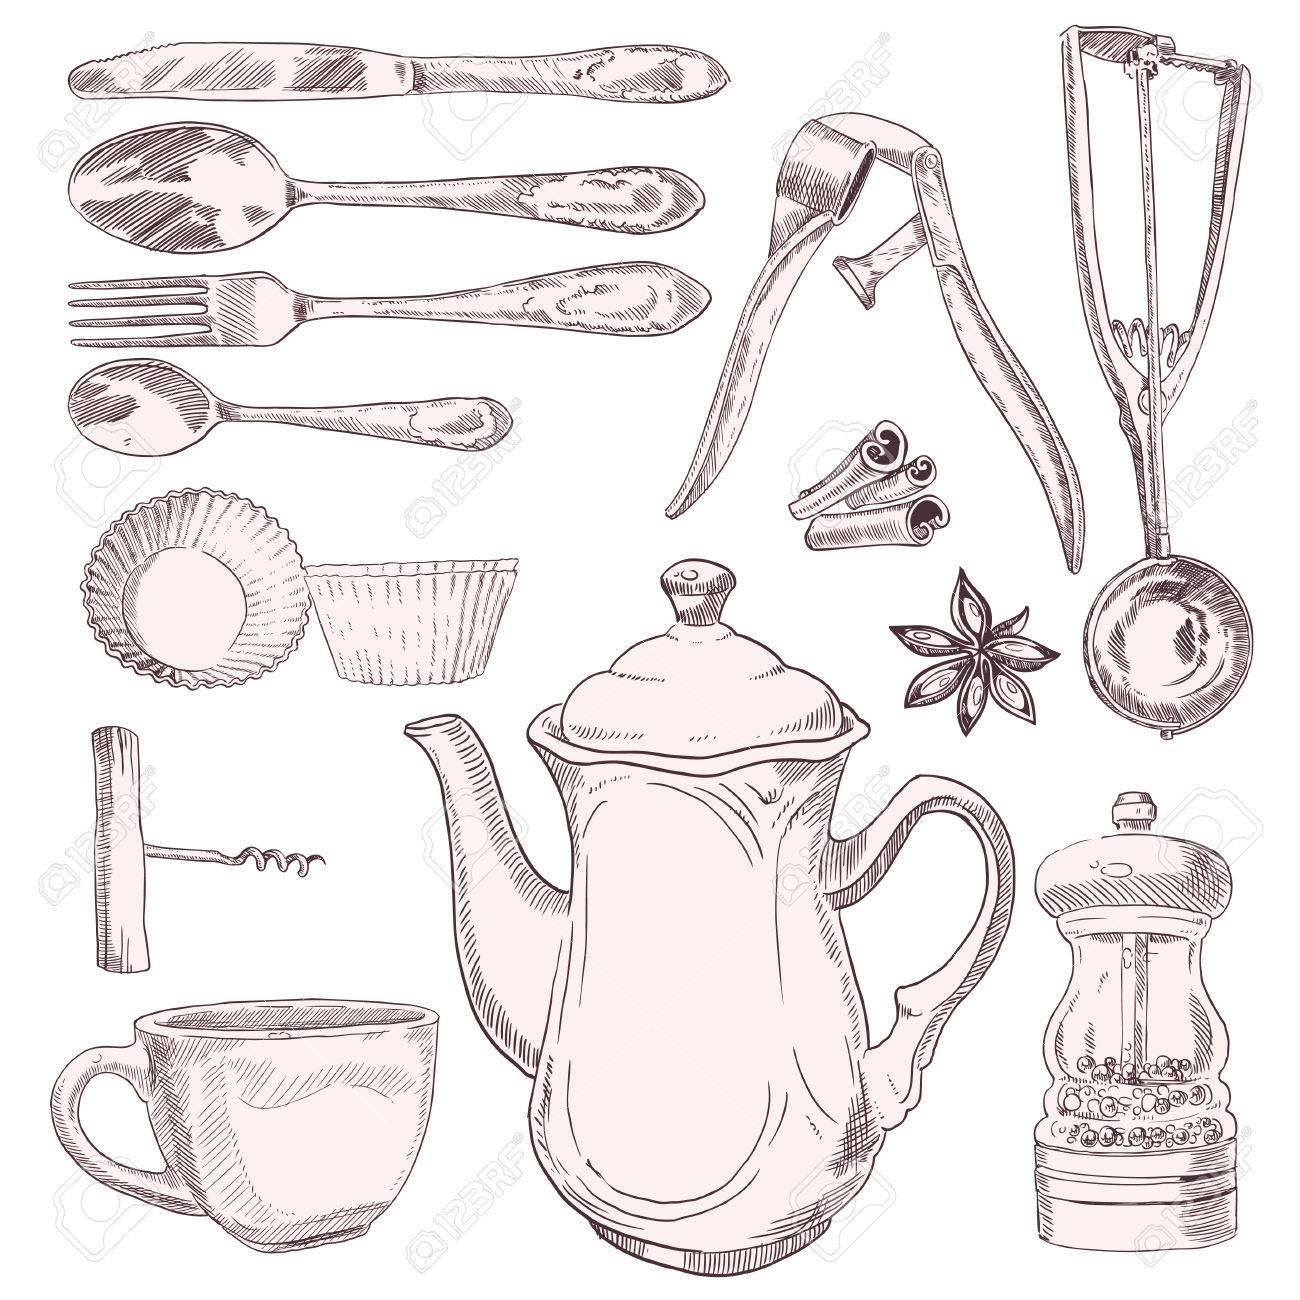 Una Taza De Té Y Utensilios De Cocina Vintage Aislados Sobre Fondo ...